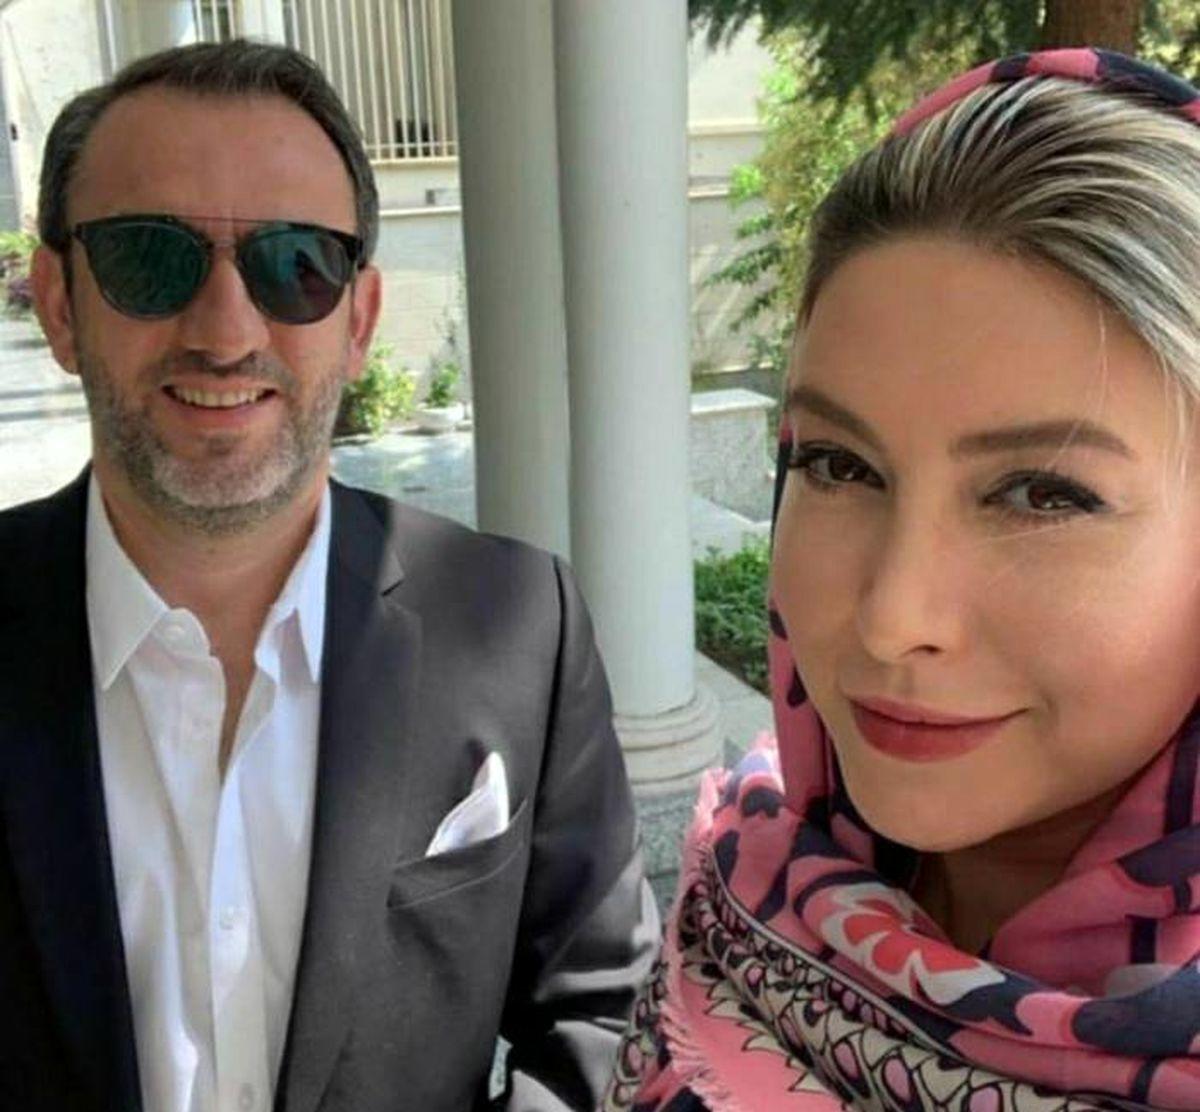 اختلاف سنی 27 ساله فریبا نادری و همسرش + عکس